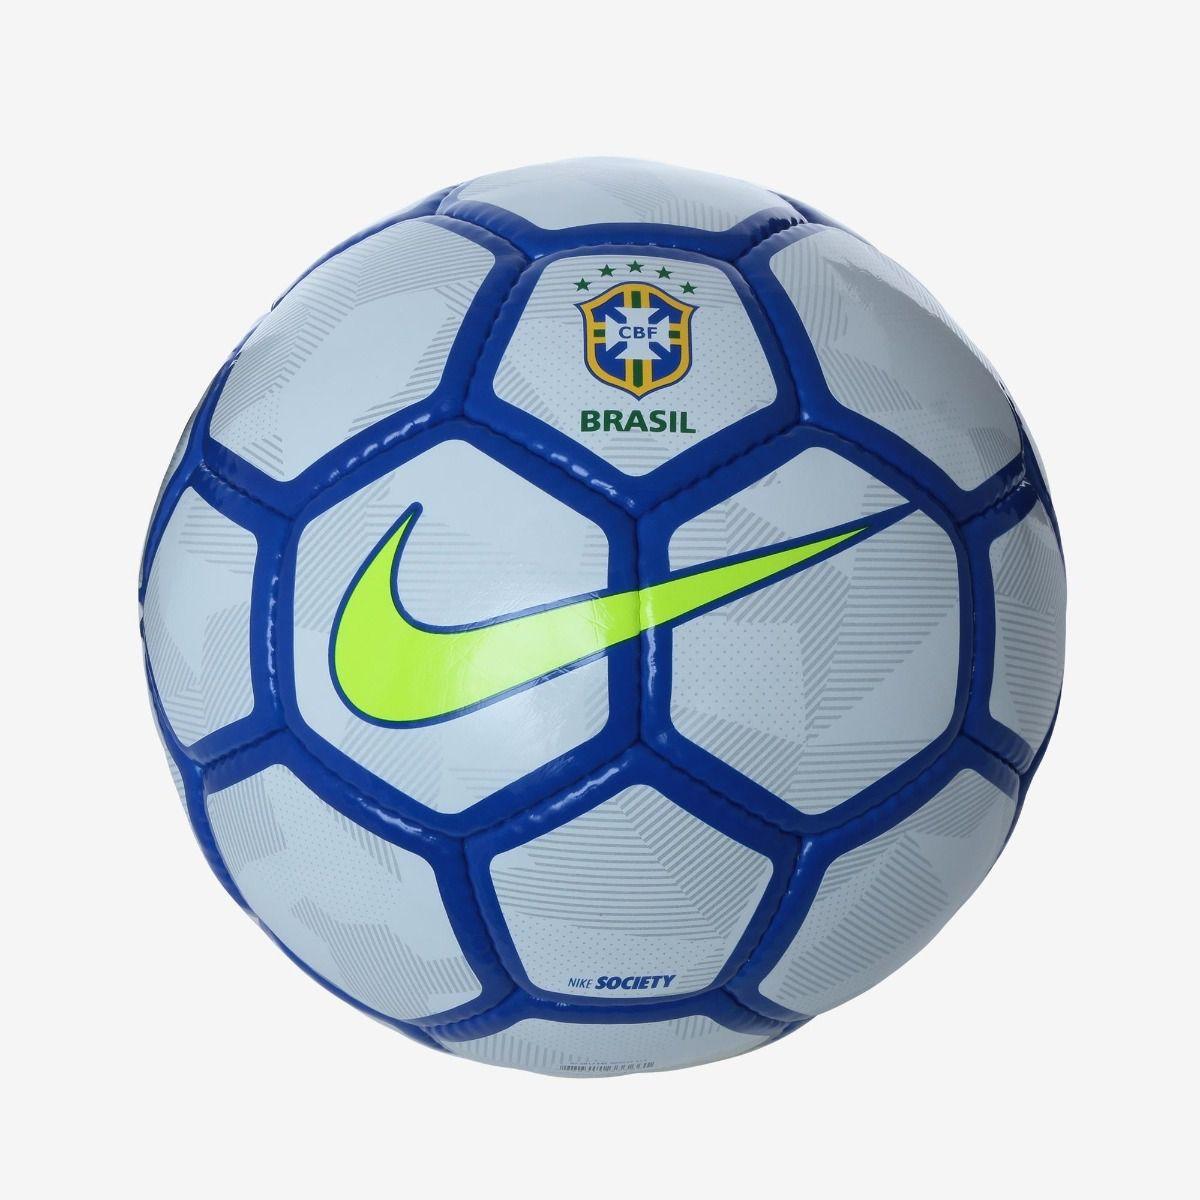 e53538238b002 Bola Futebol Society Nike Cbf Brasil -branco e Azul - BRACIA SHOP ...